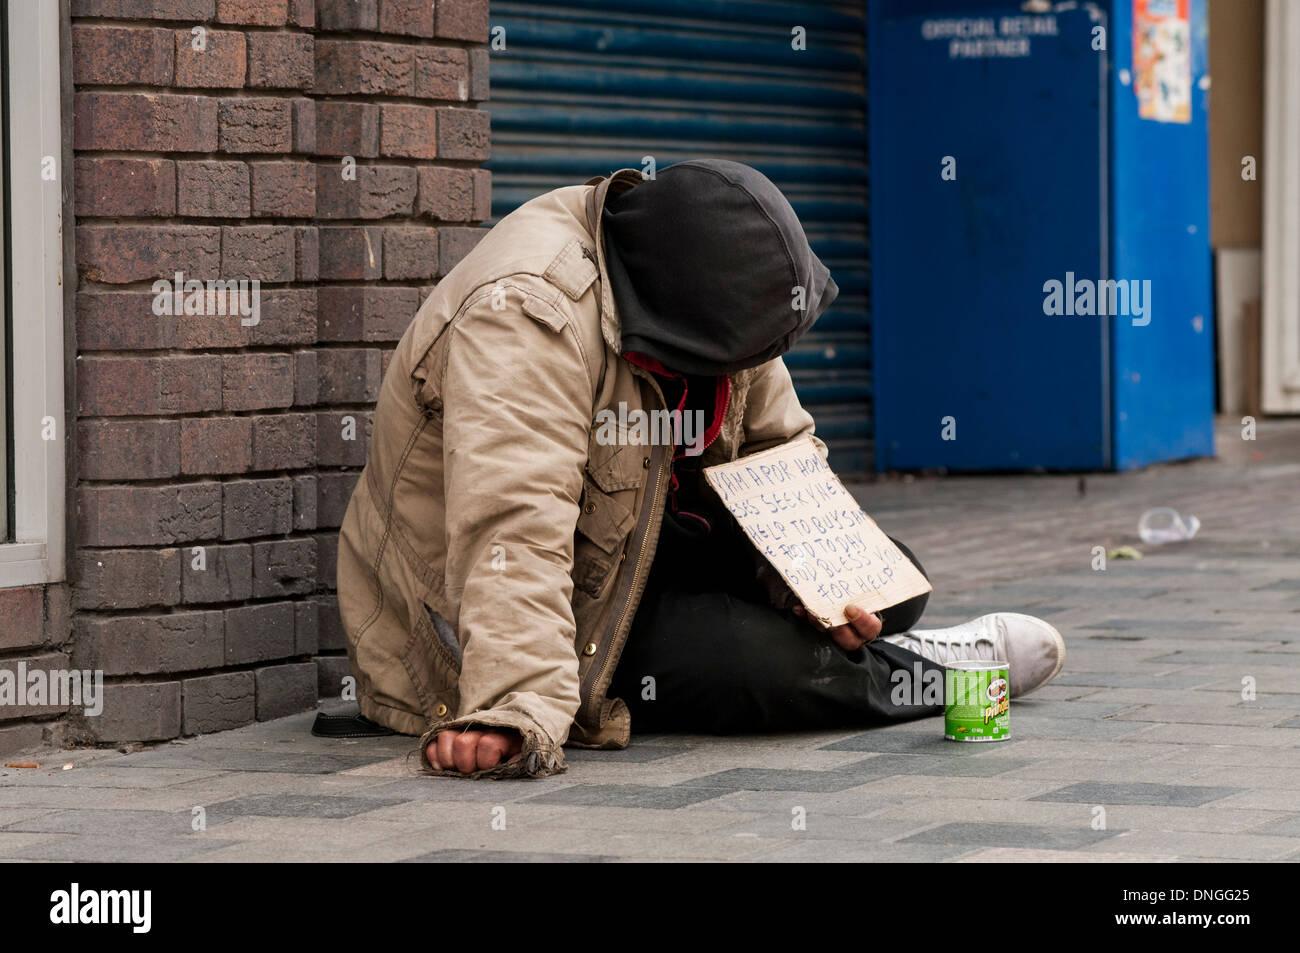 Hombre sin hogar mendigando en Sauchihall Street en Glasgow, Escocia, Reino Unido. Él está sentado al lado de una tienda que ha sido cerrada. Imagen De Stock